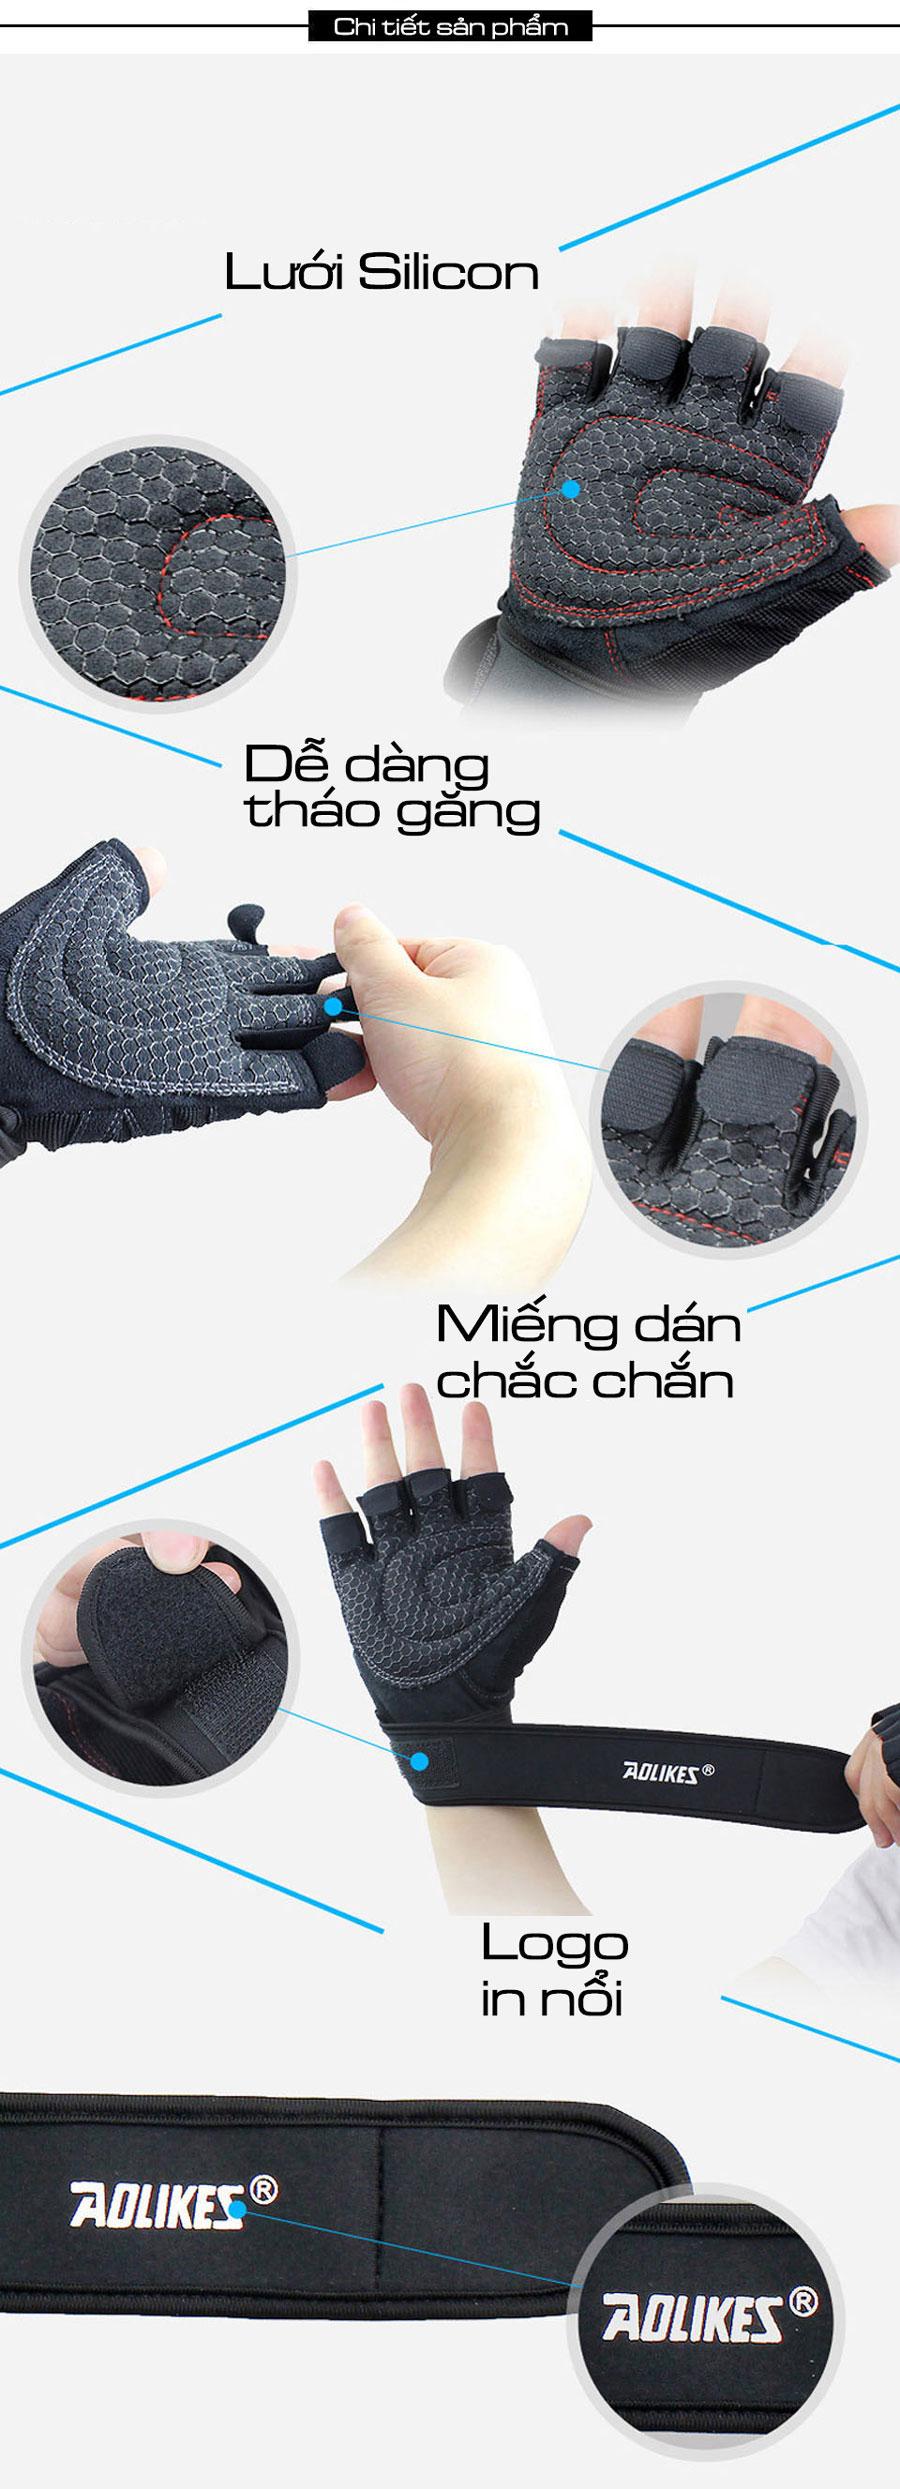 Thiết kế dạng nửa ngón, tiện lợi cầm nắm, dễ sử dụng